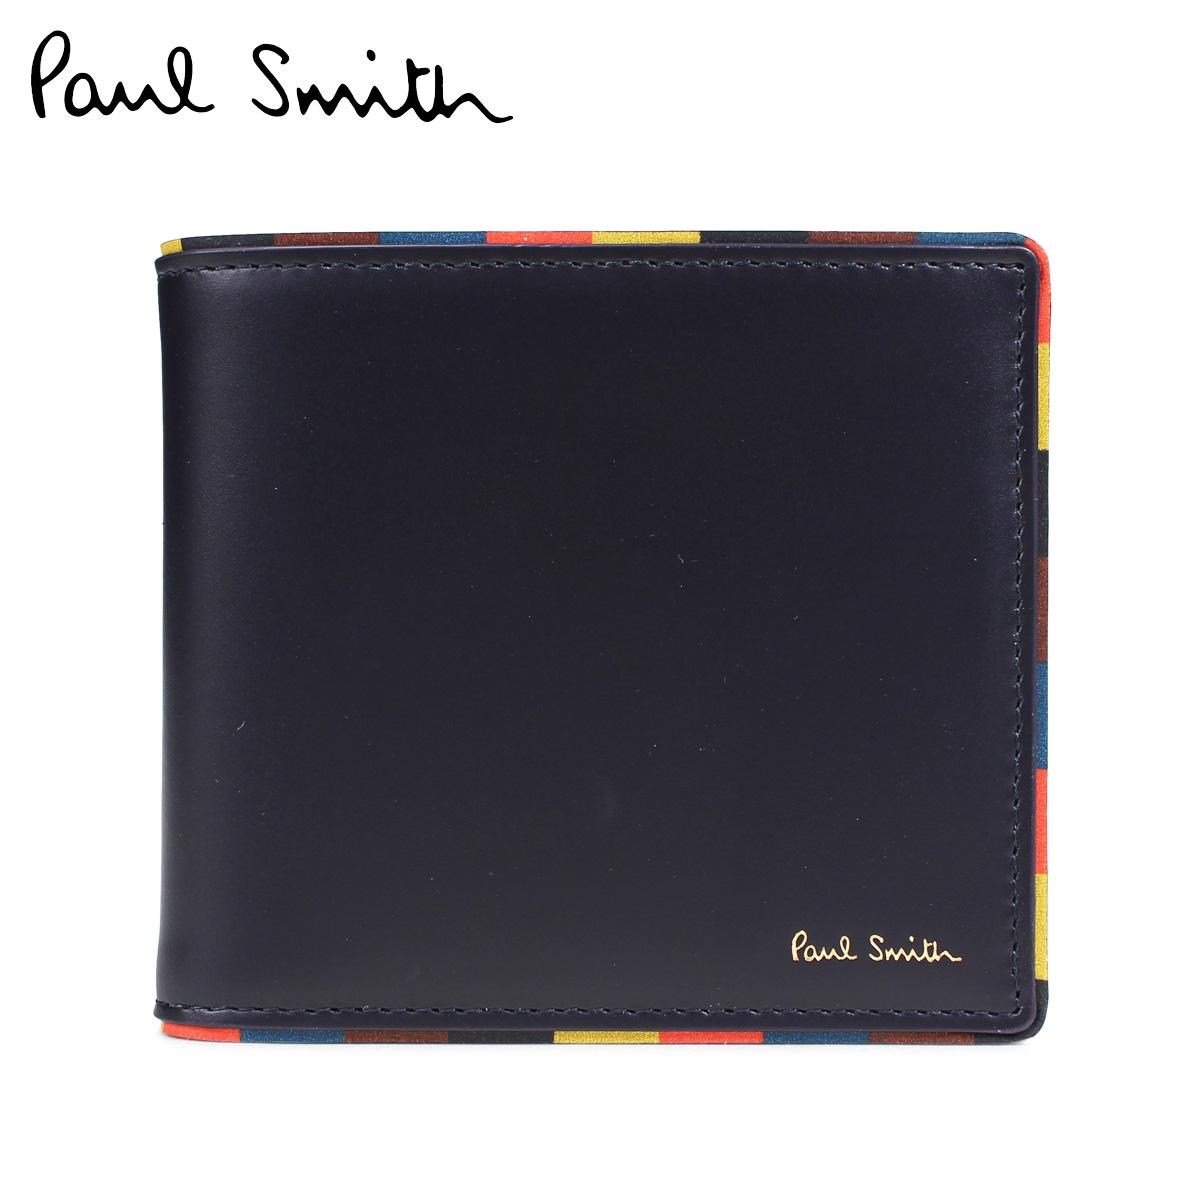 Paul Smith BI-FOLD WALLET ポールスミス 財布 二つ折りメンズ レザー ネイビー M1A 4833 AEDGE